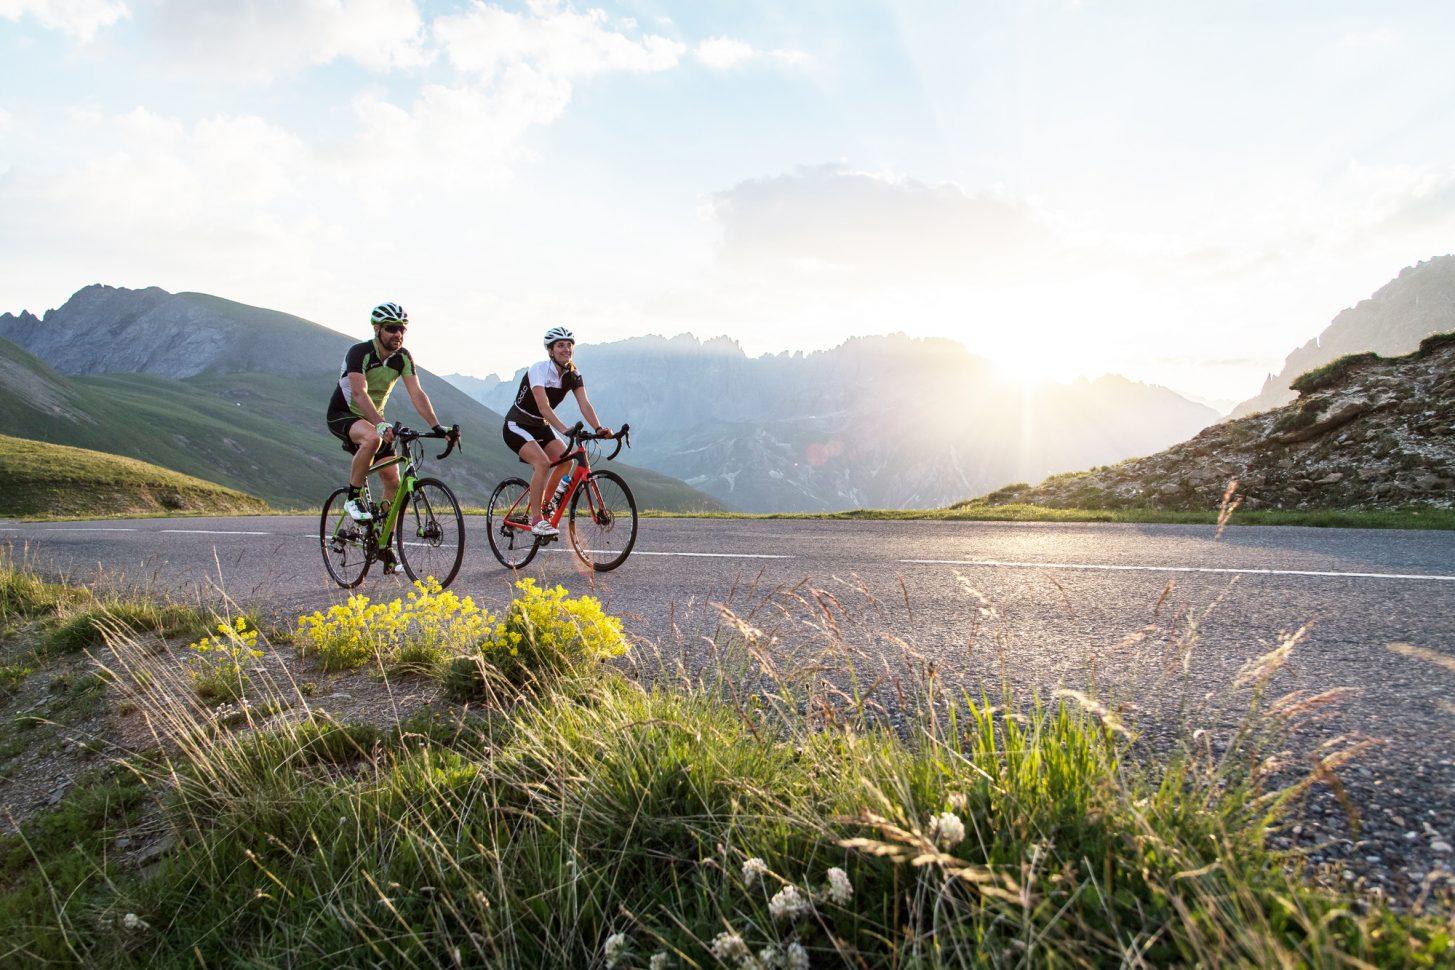 Gravir à vélo le col du Galibier